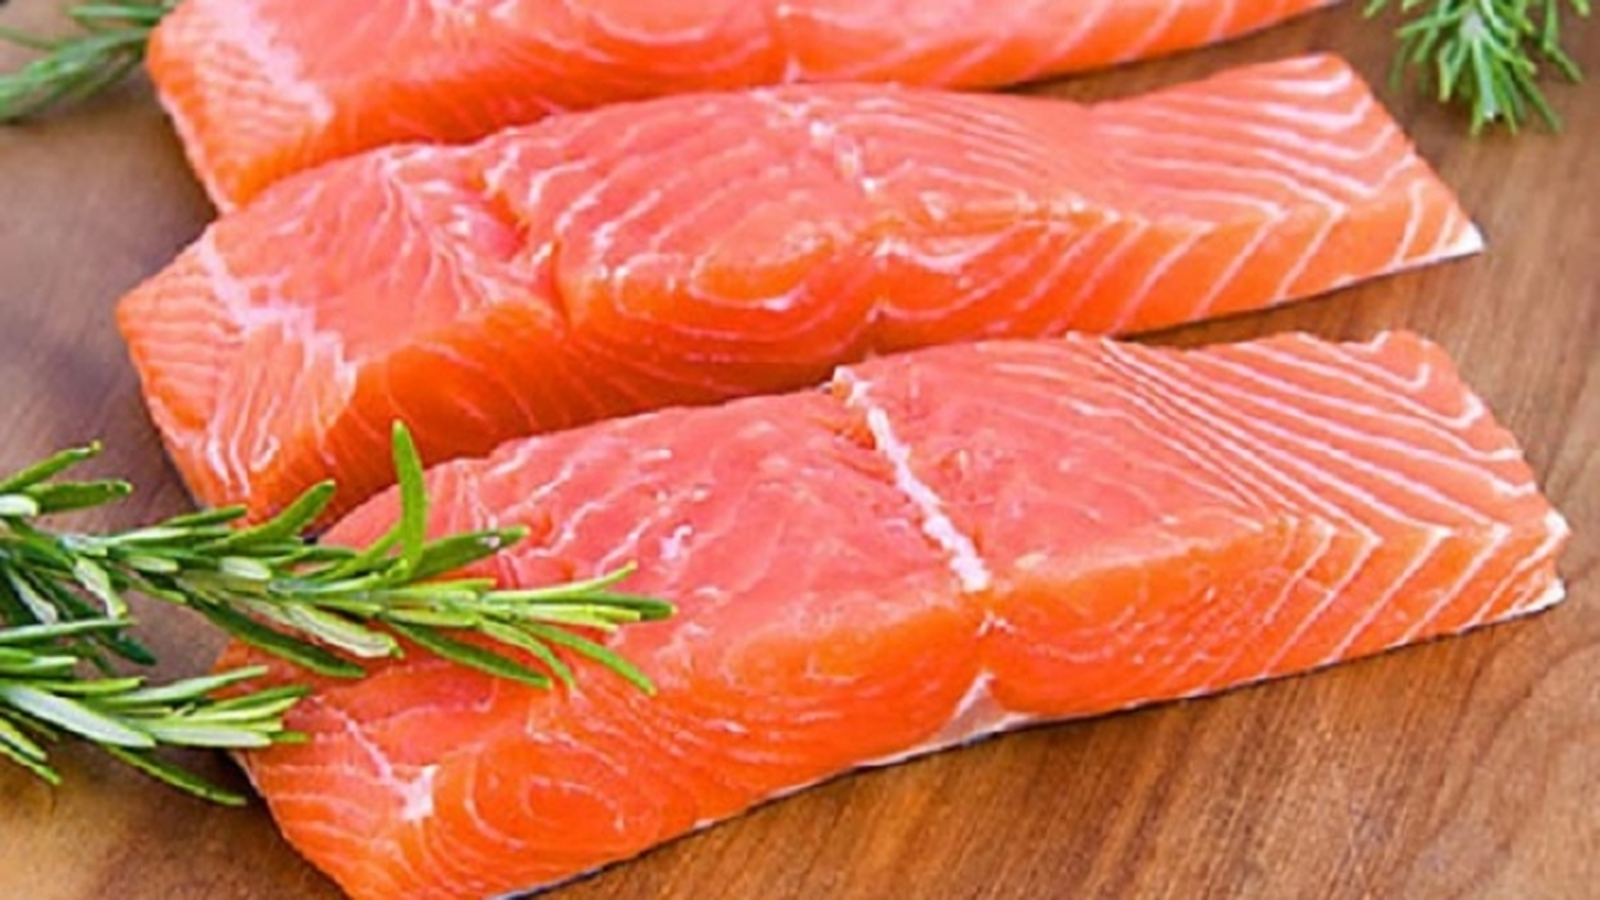 Mách bạn 4 thời điểm không nên ăn cá để đảm bảo sức khỏe